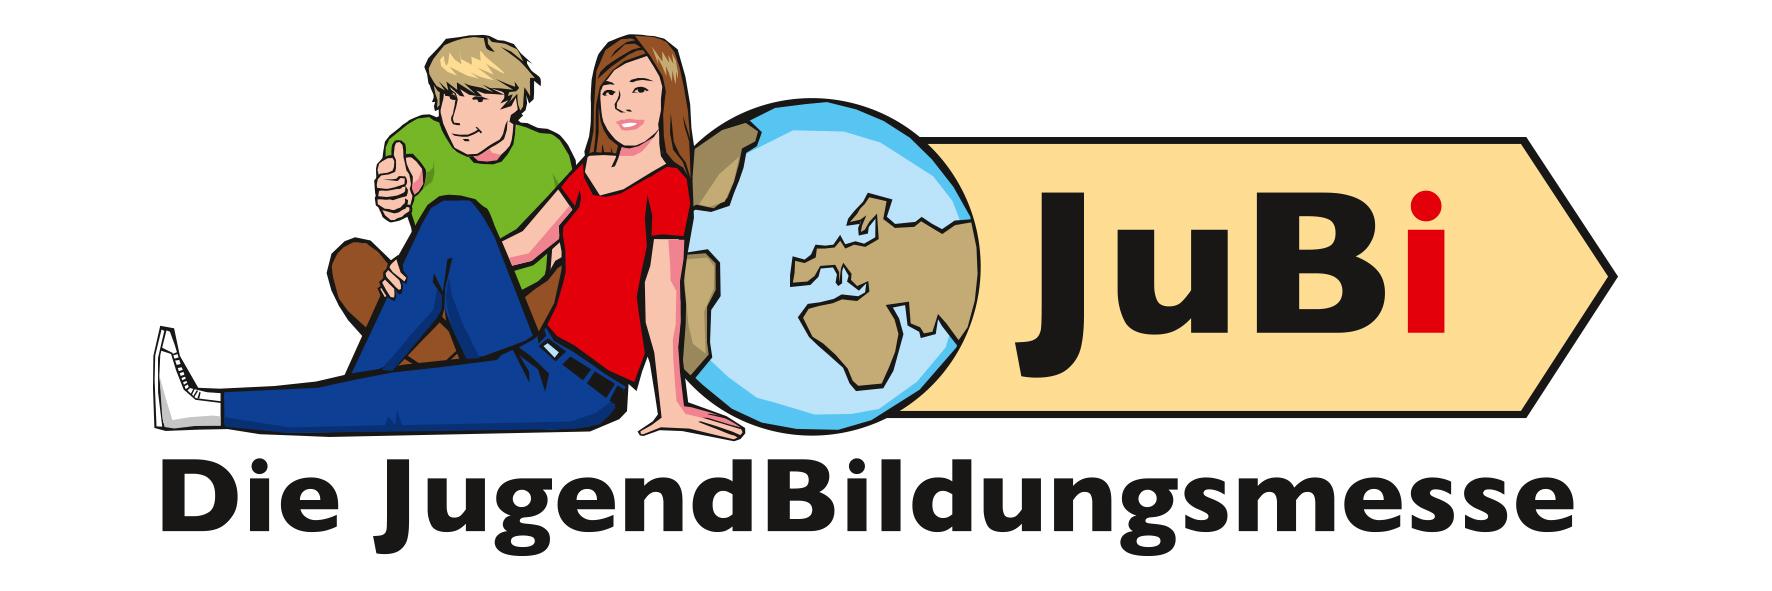 JuBi - Die JugendBildungsmesse